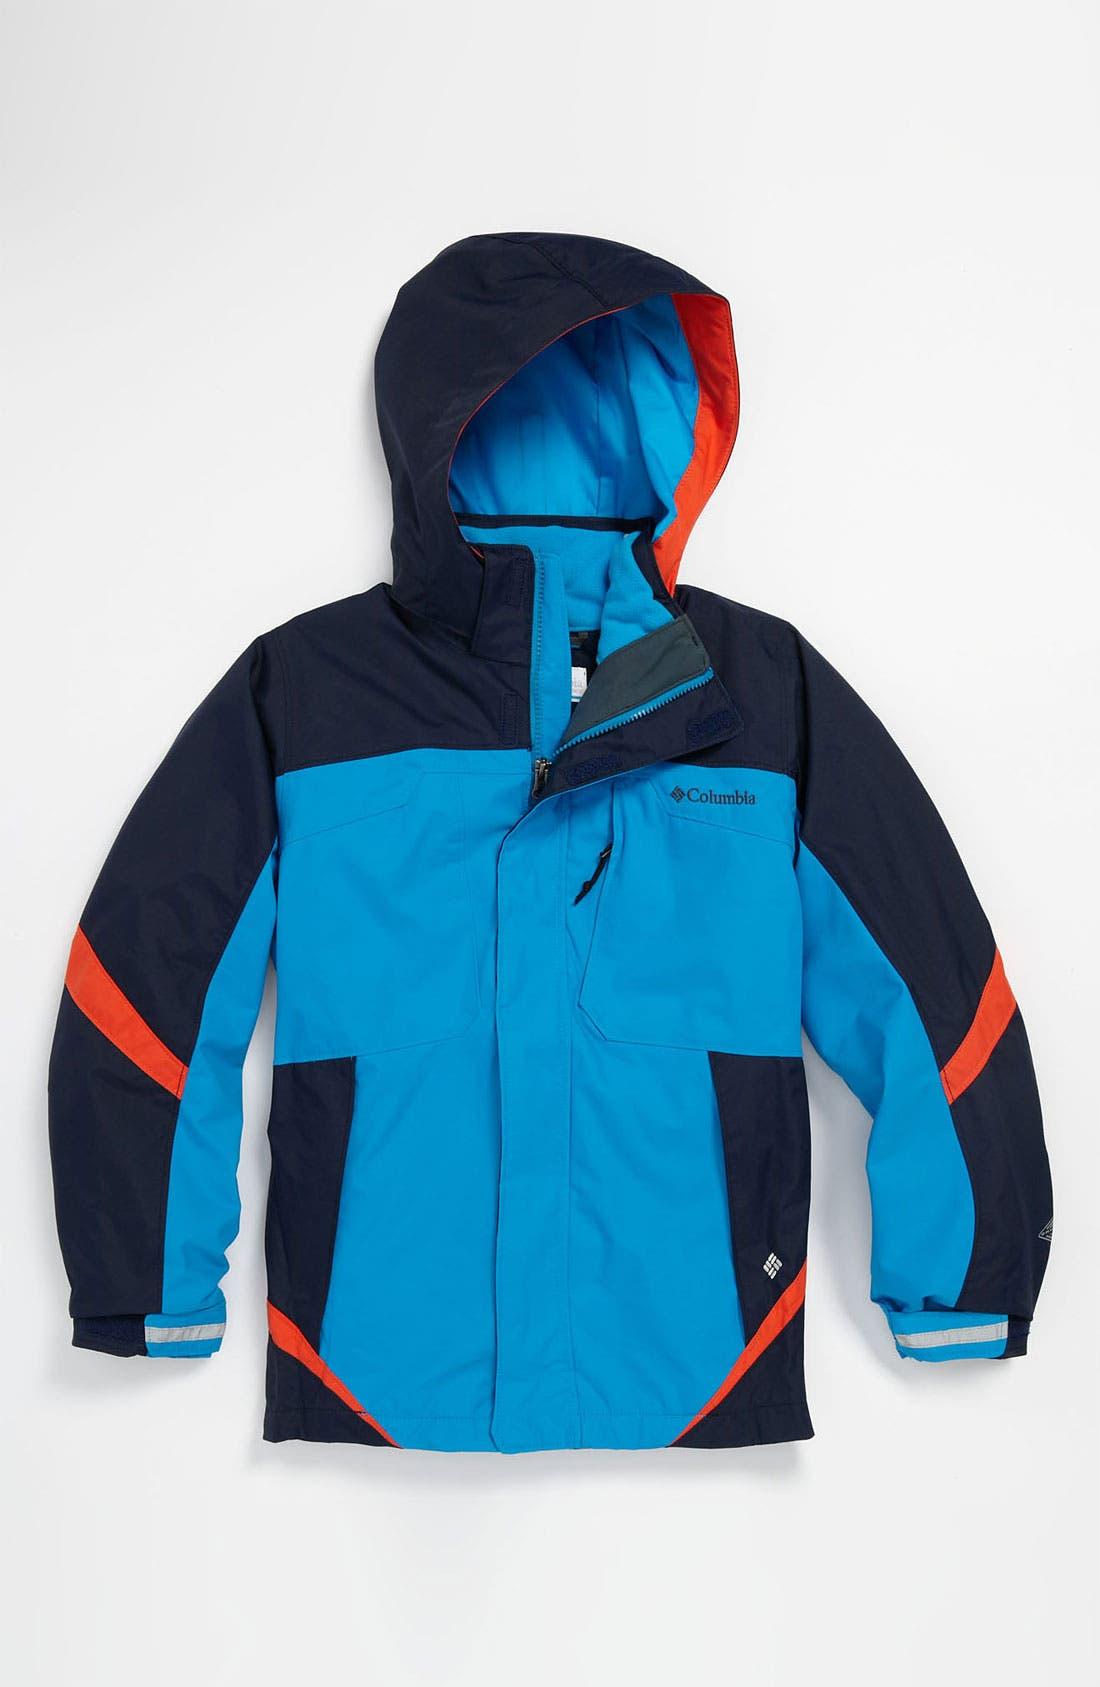 Alternate Image 1 Selected - Columbia 'Interchange' Jacket (Little Boys & Big Boys)